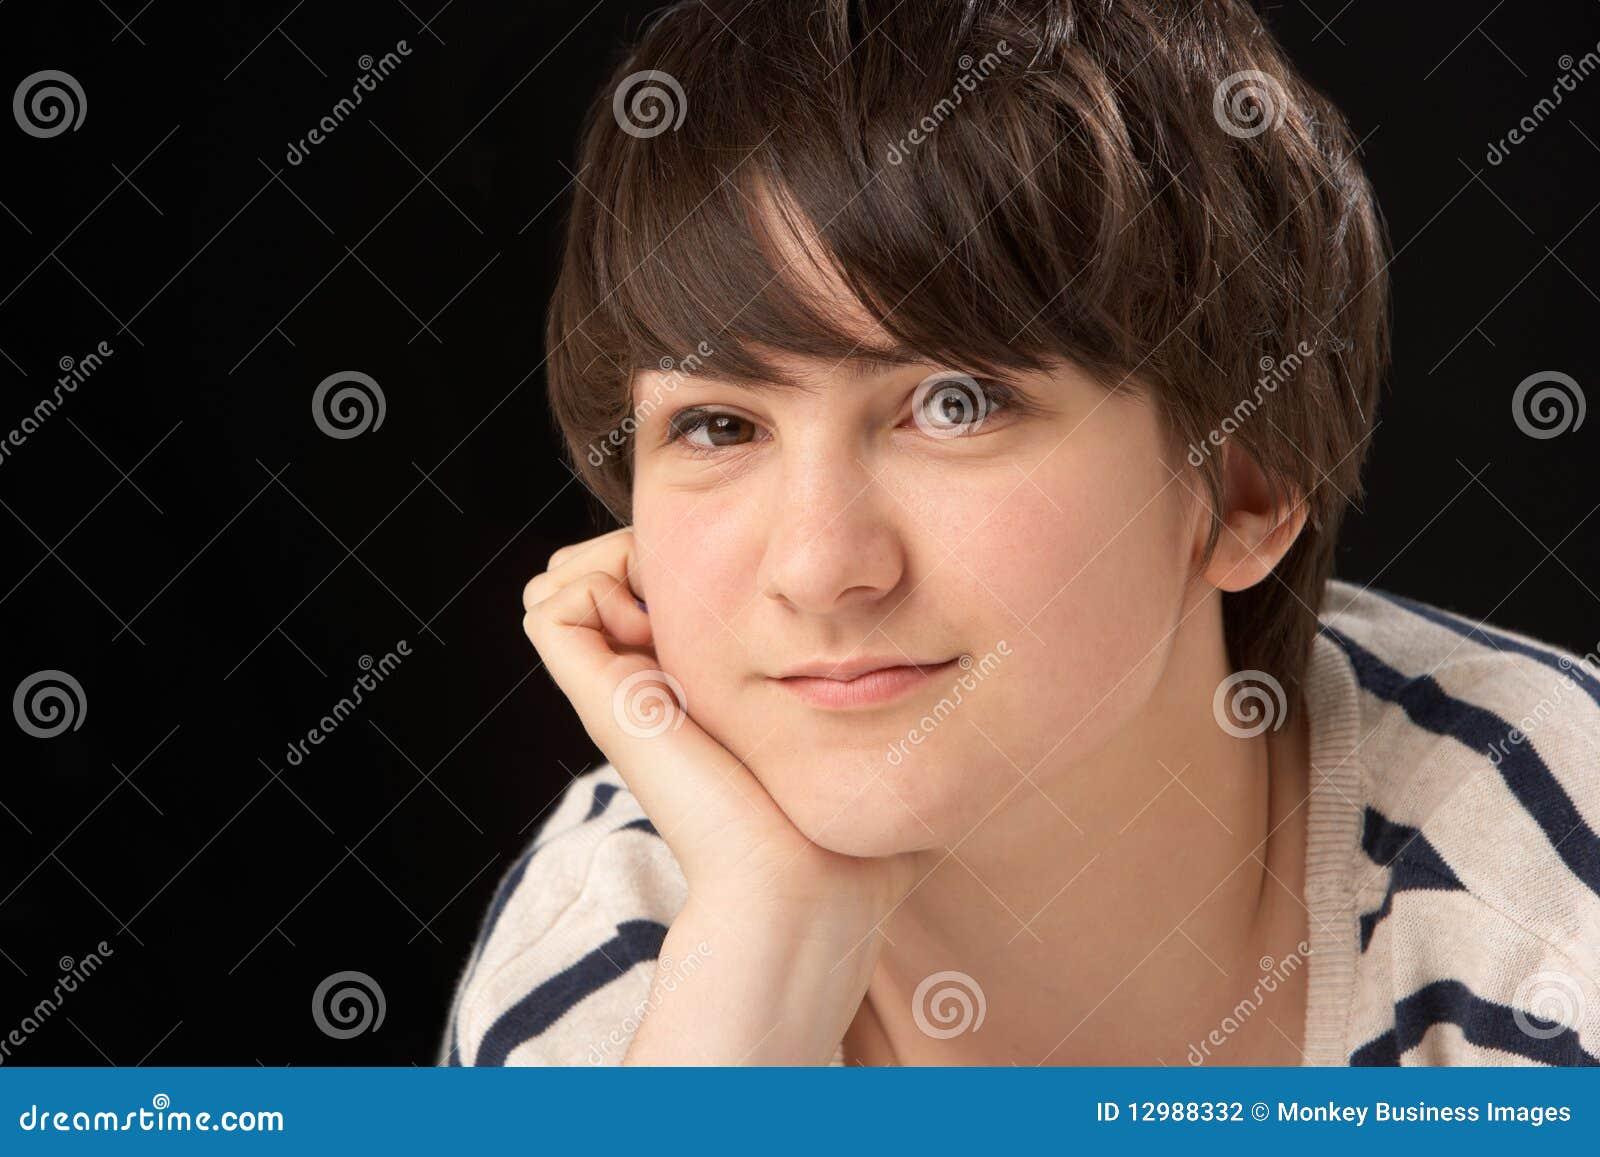 Студийные фото девочек подростков 1 фотография